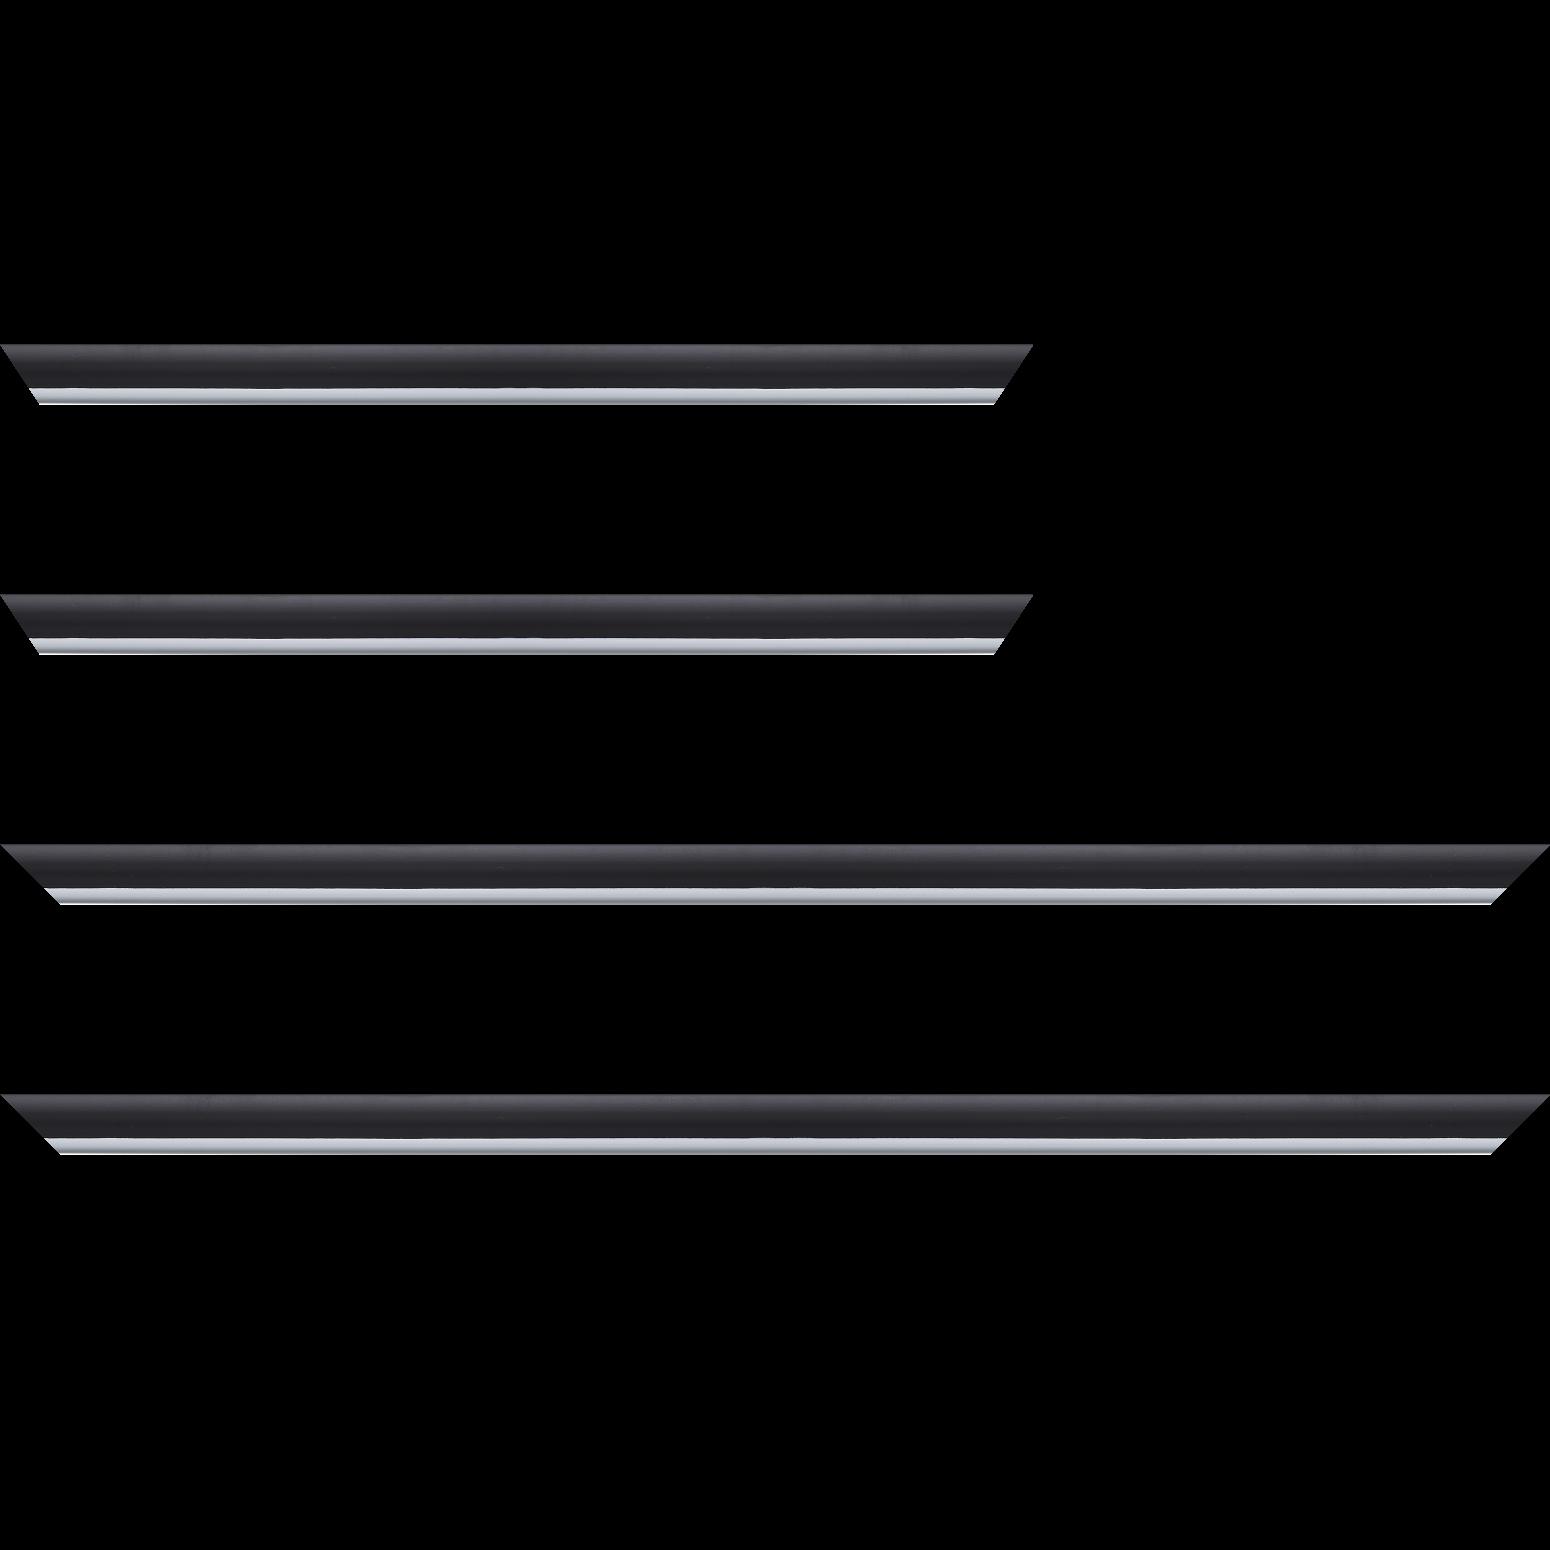 Baguette service précoupé Bois profil arrondi largeur 2.1cm couleur noir mat filet blanc